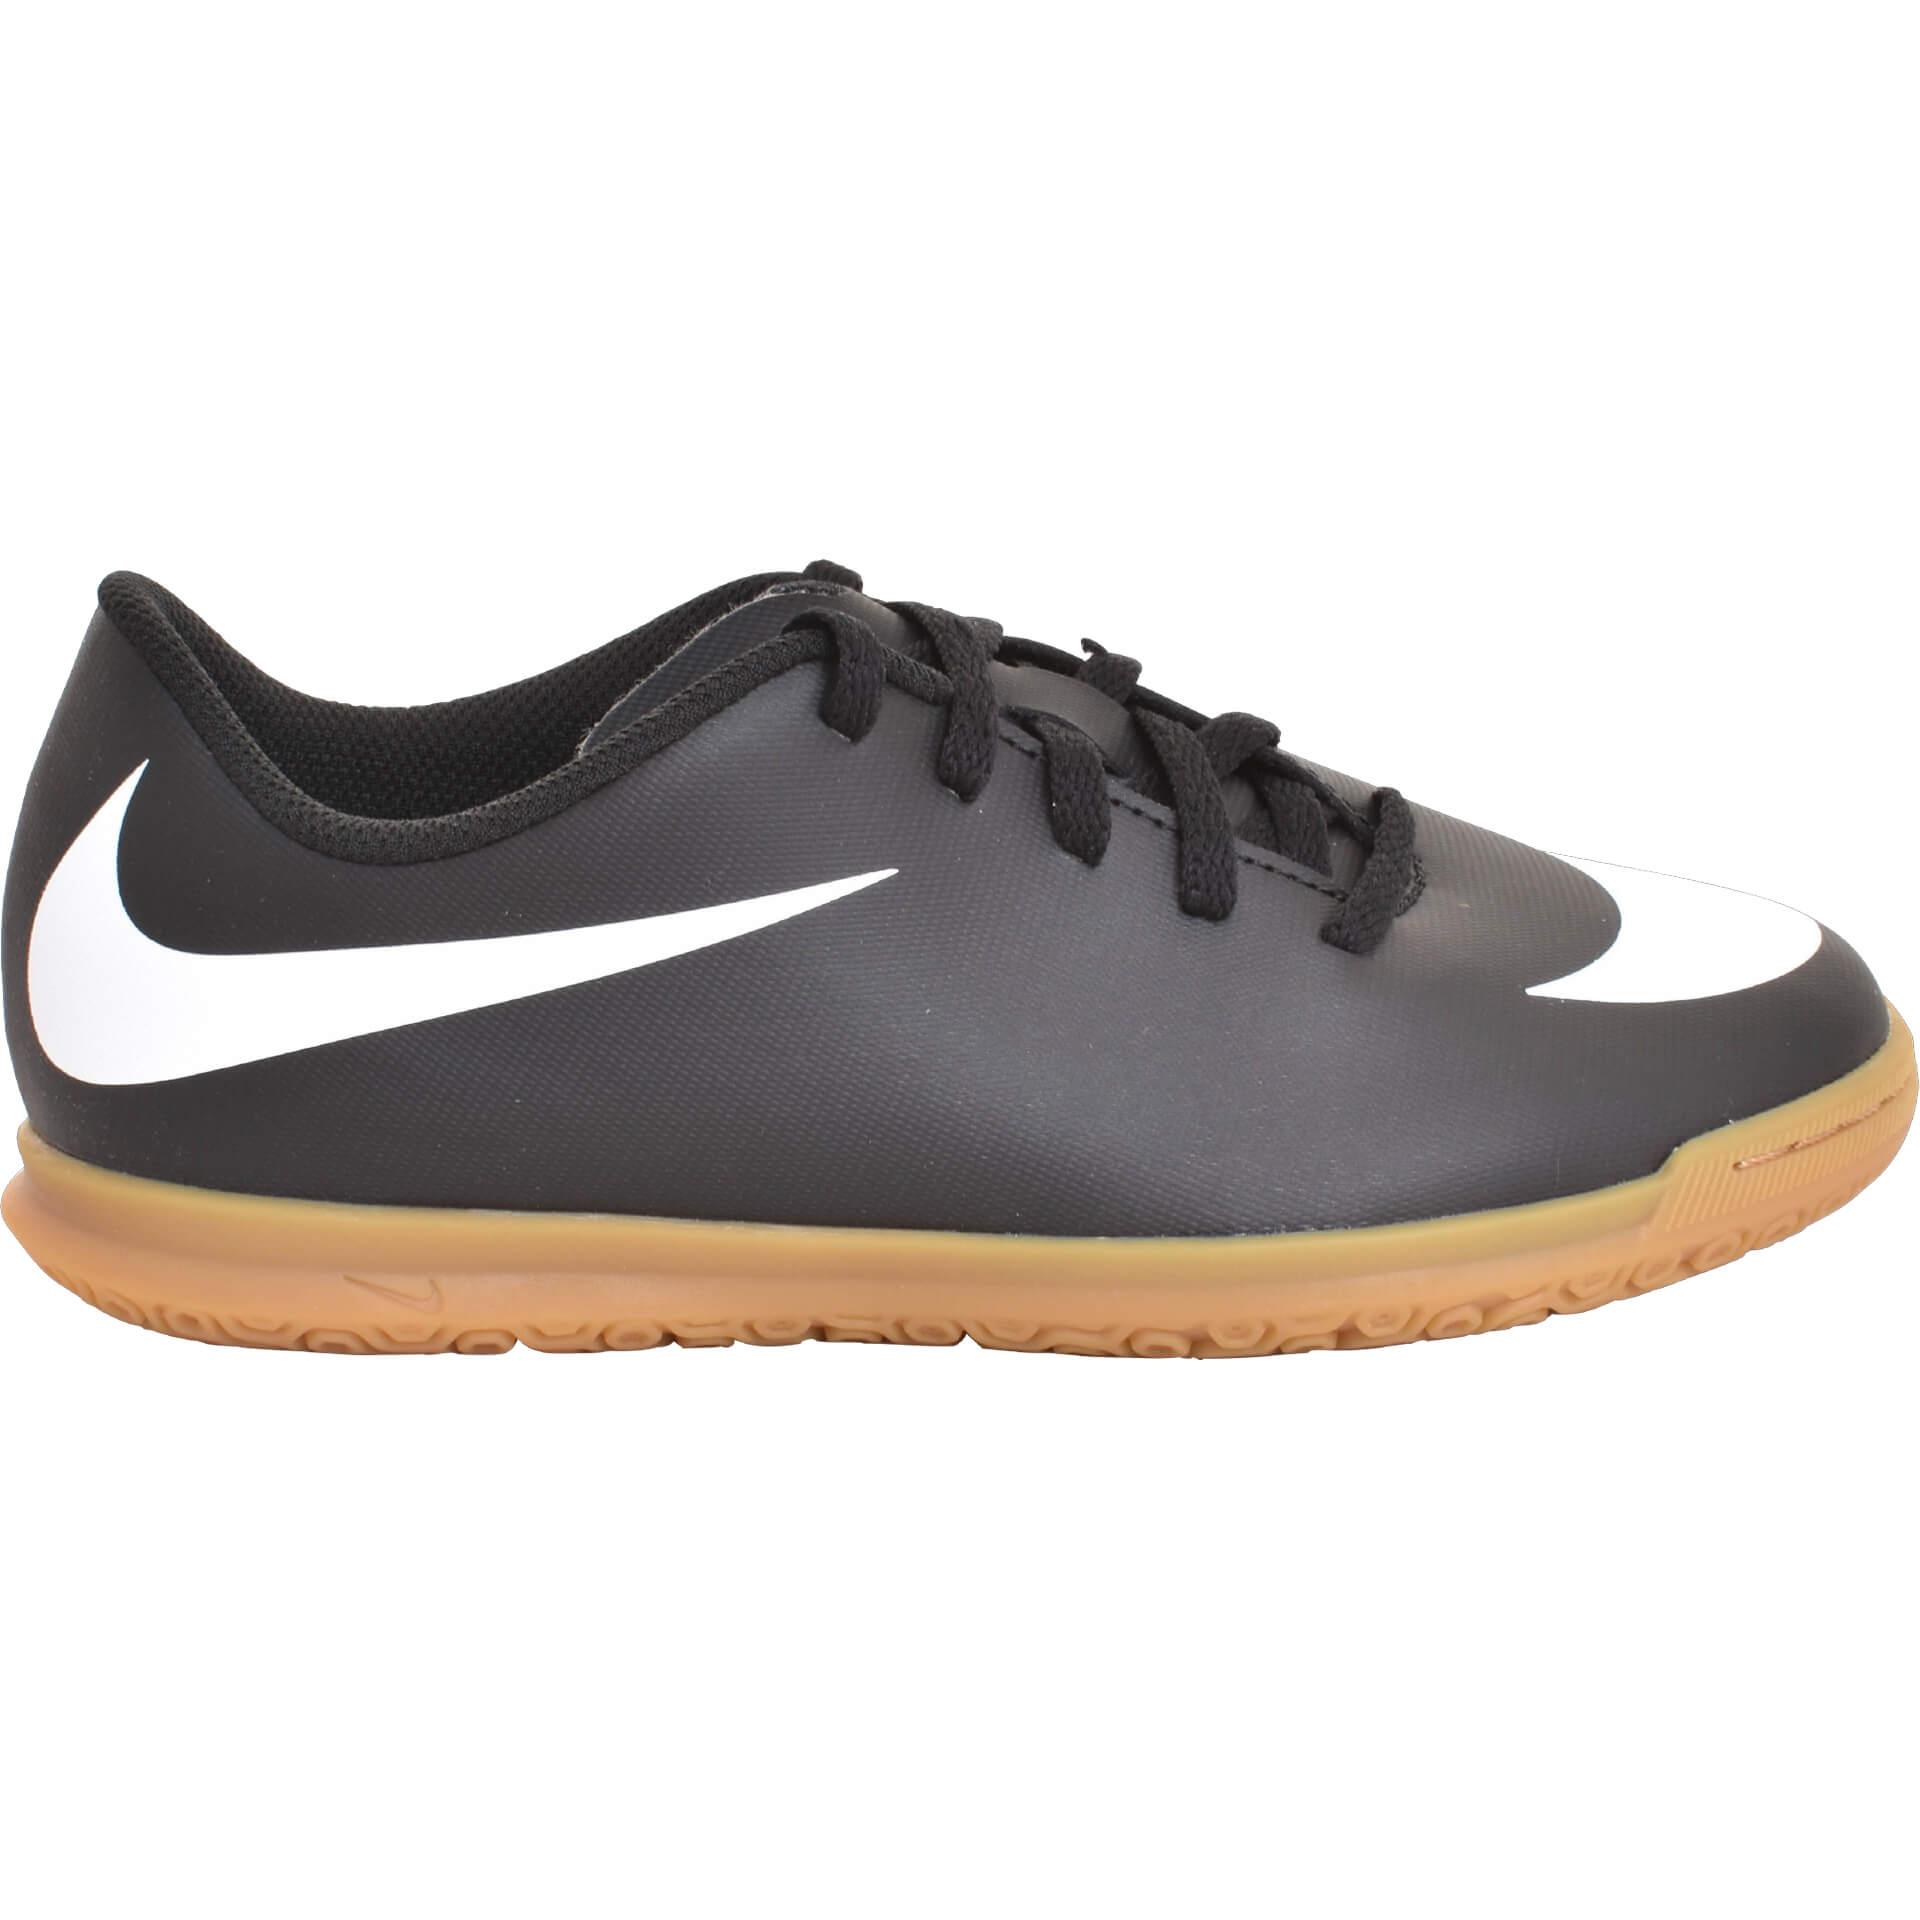 Nike Air Presto Essential Férfi Futócipő: Fekete Pine Zöld